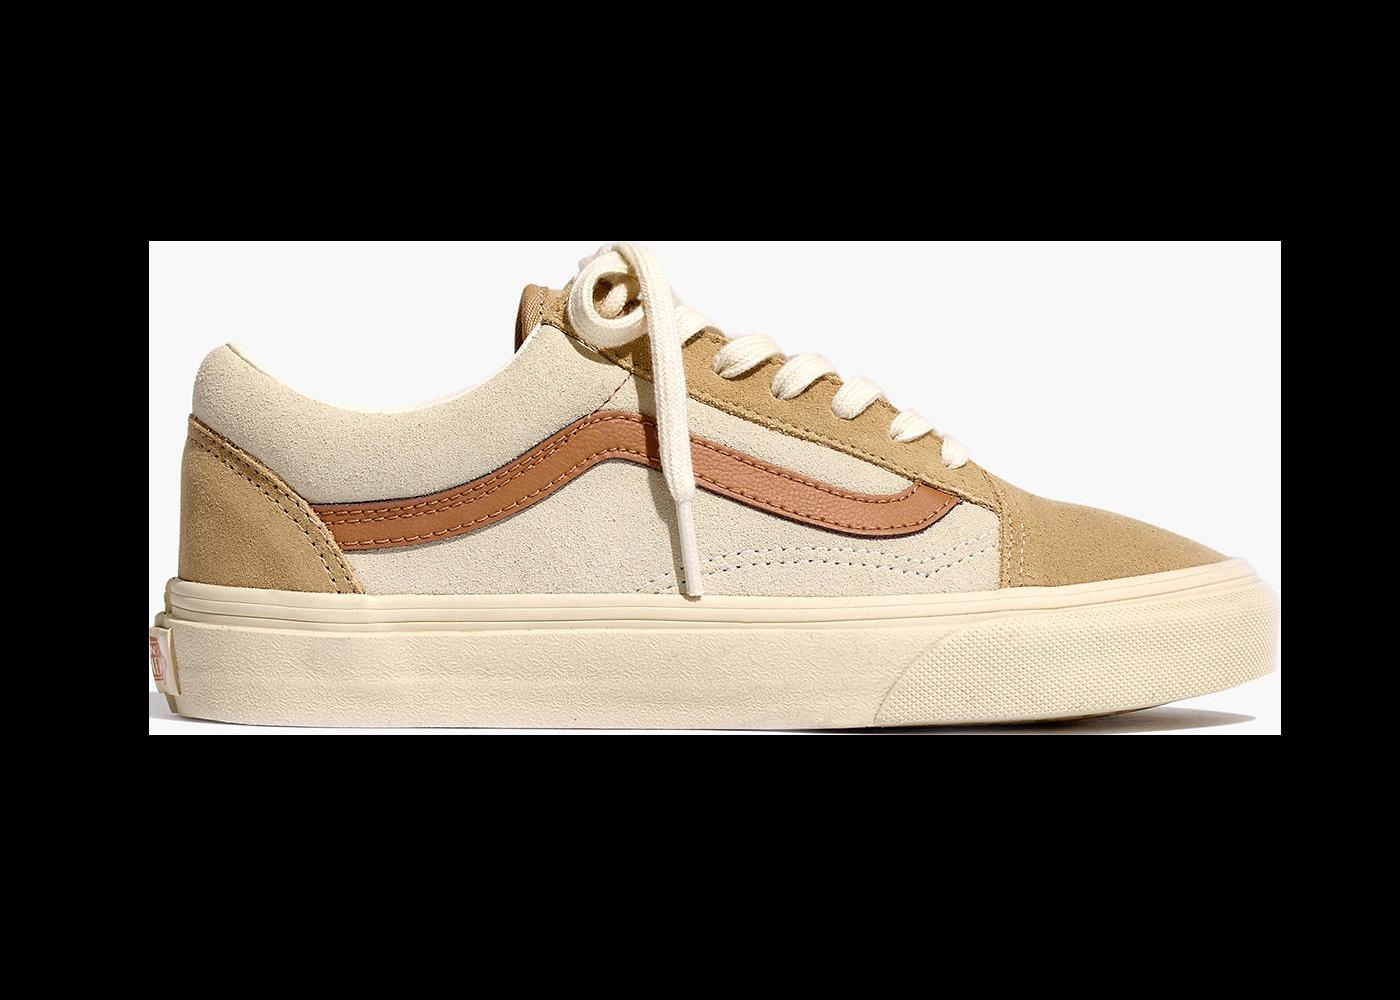 Vans Old Skool Madewell Camel - Sneakers